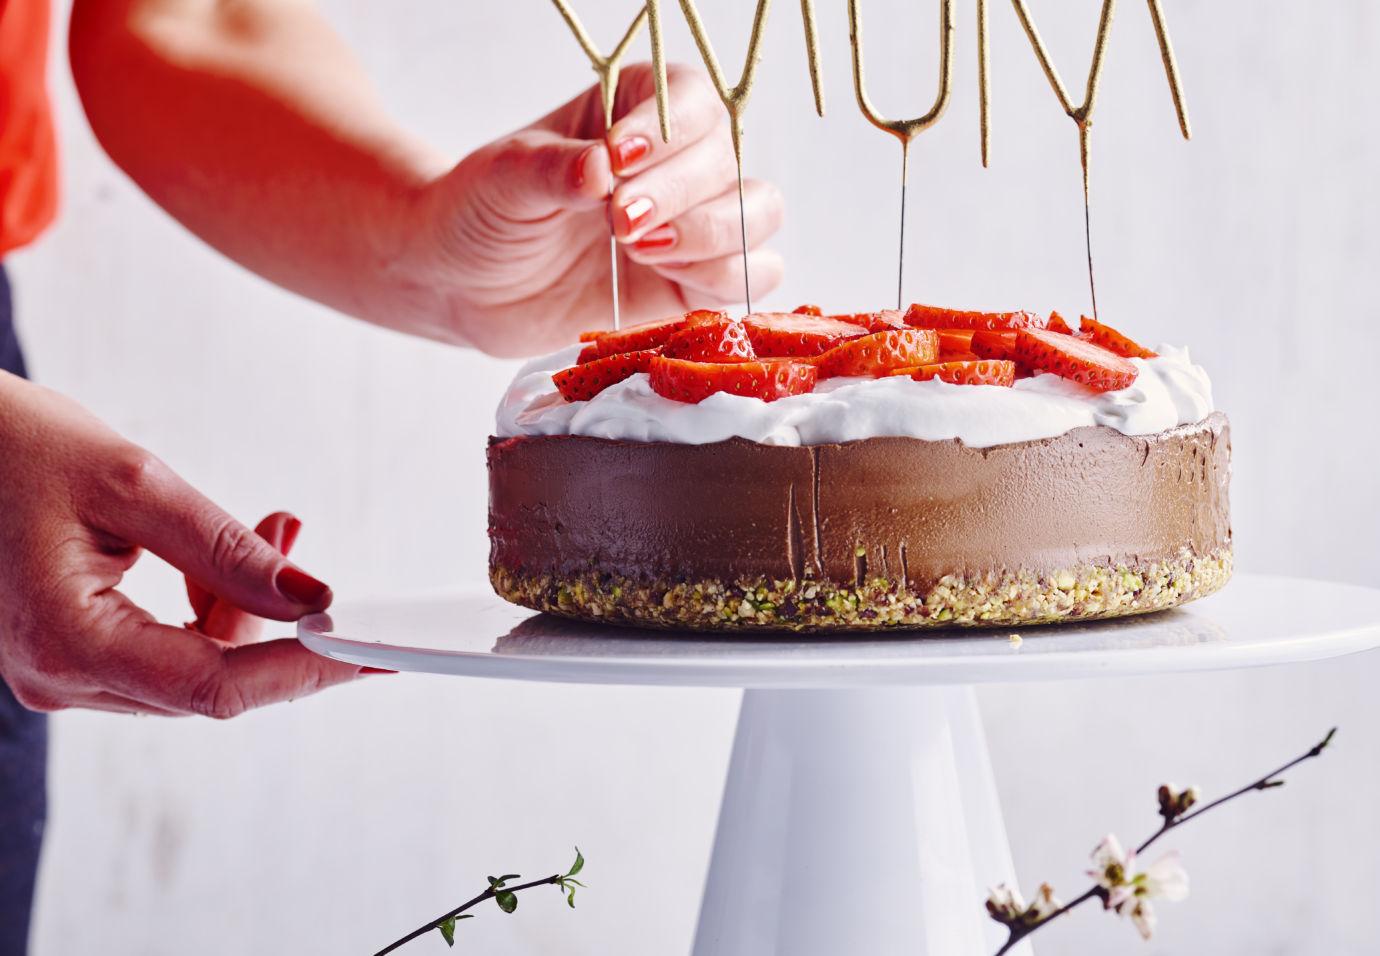 Sofie Dumont - Raw Vegan Chocolate Bomb